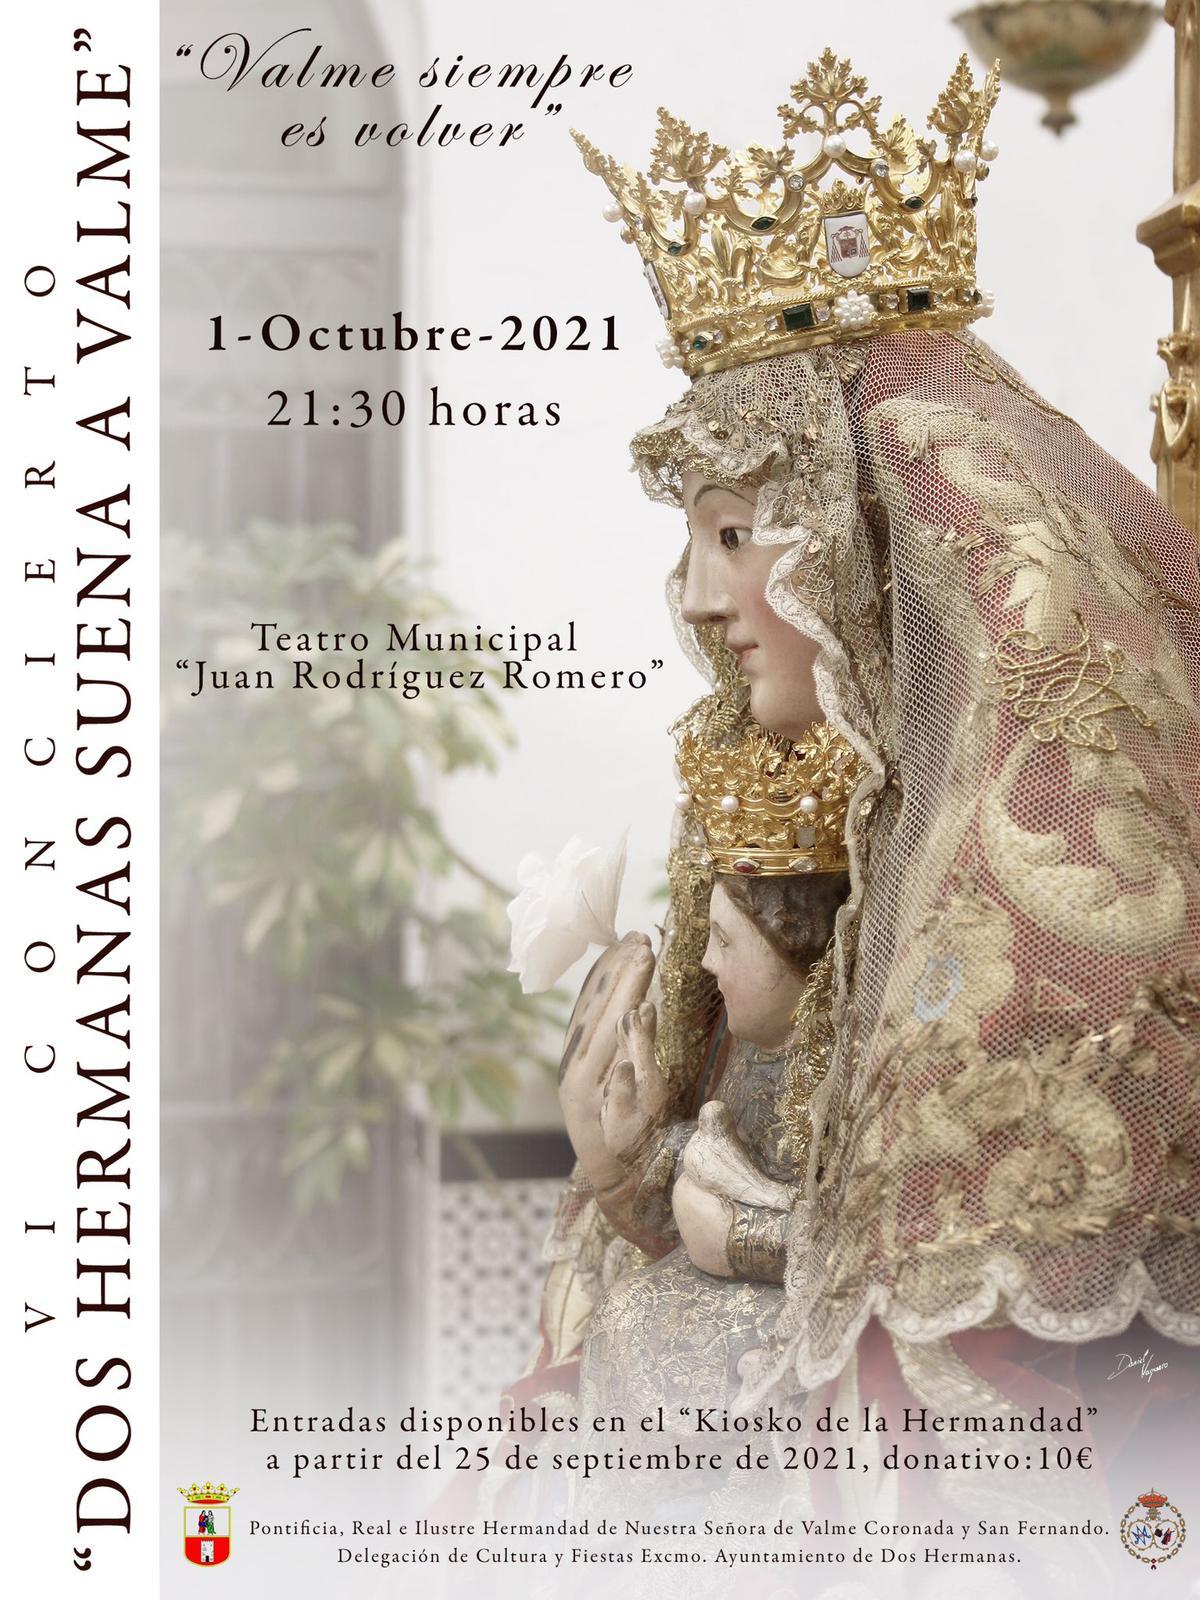 El Coro de la Hermandad, protagonista del concierto de vísperas que tendrá lugar el 1 de octubre en el Teatro Municipal 'Juan Rodríguez Romero'